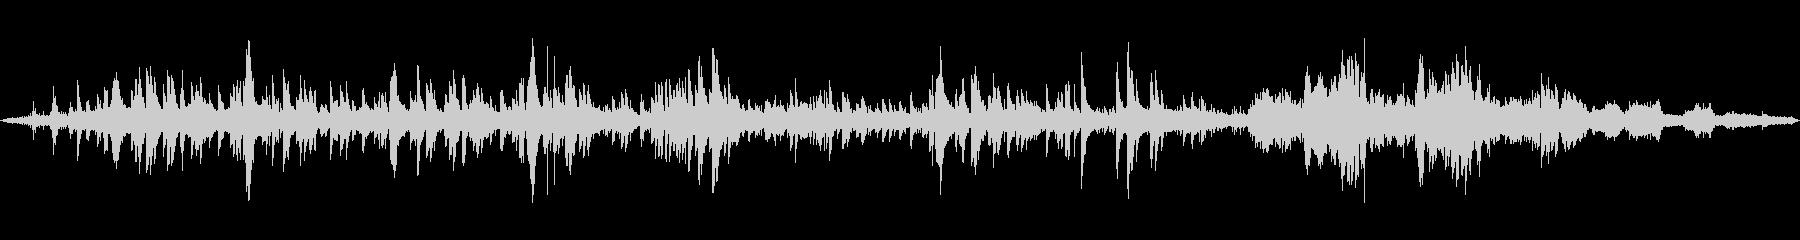 トロイメライと波音の幻想的ミックスの未再生の波形